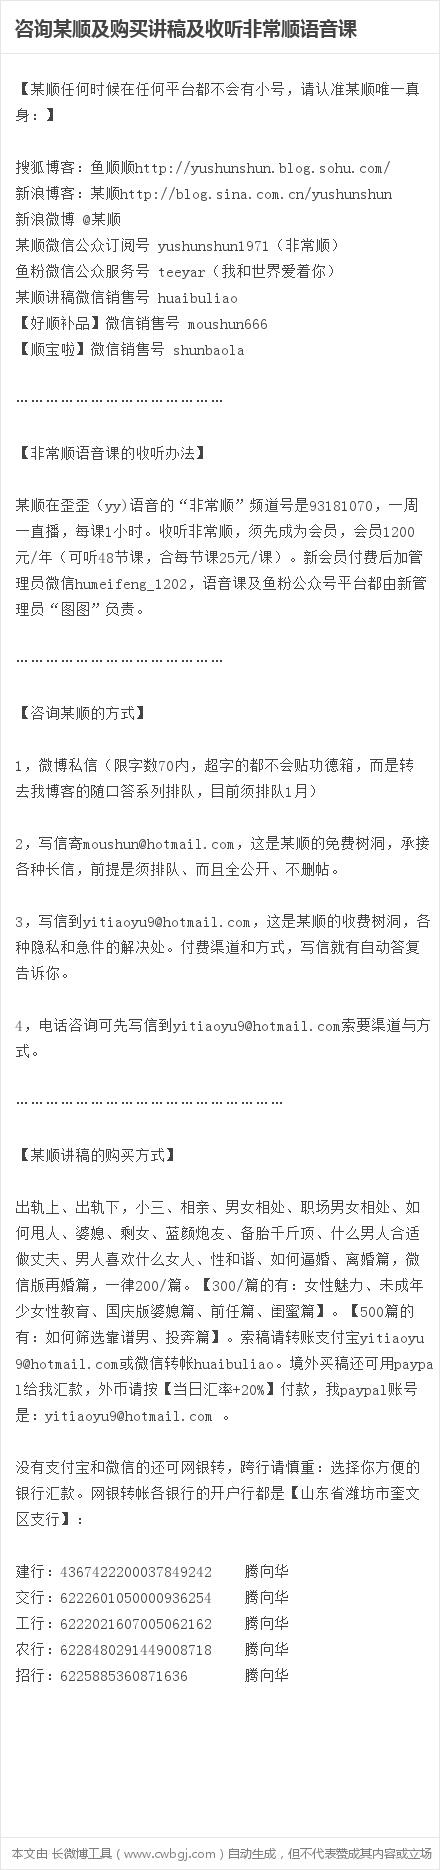 微顺口答四六五 - yushunshun - 鱼顺顺的博客